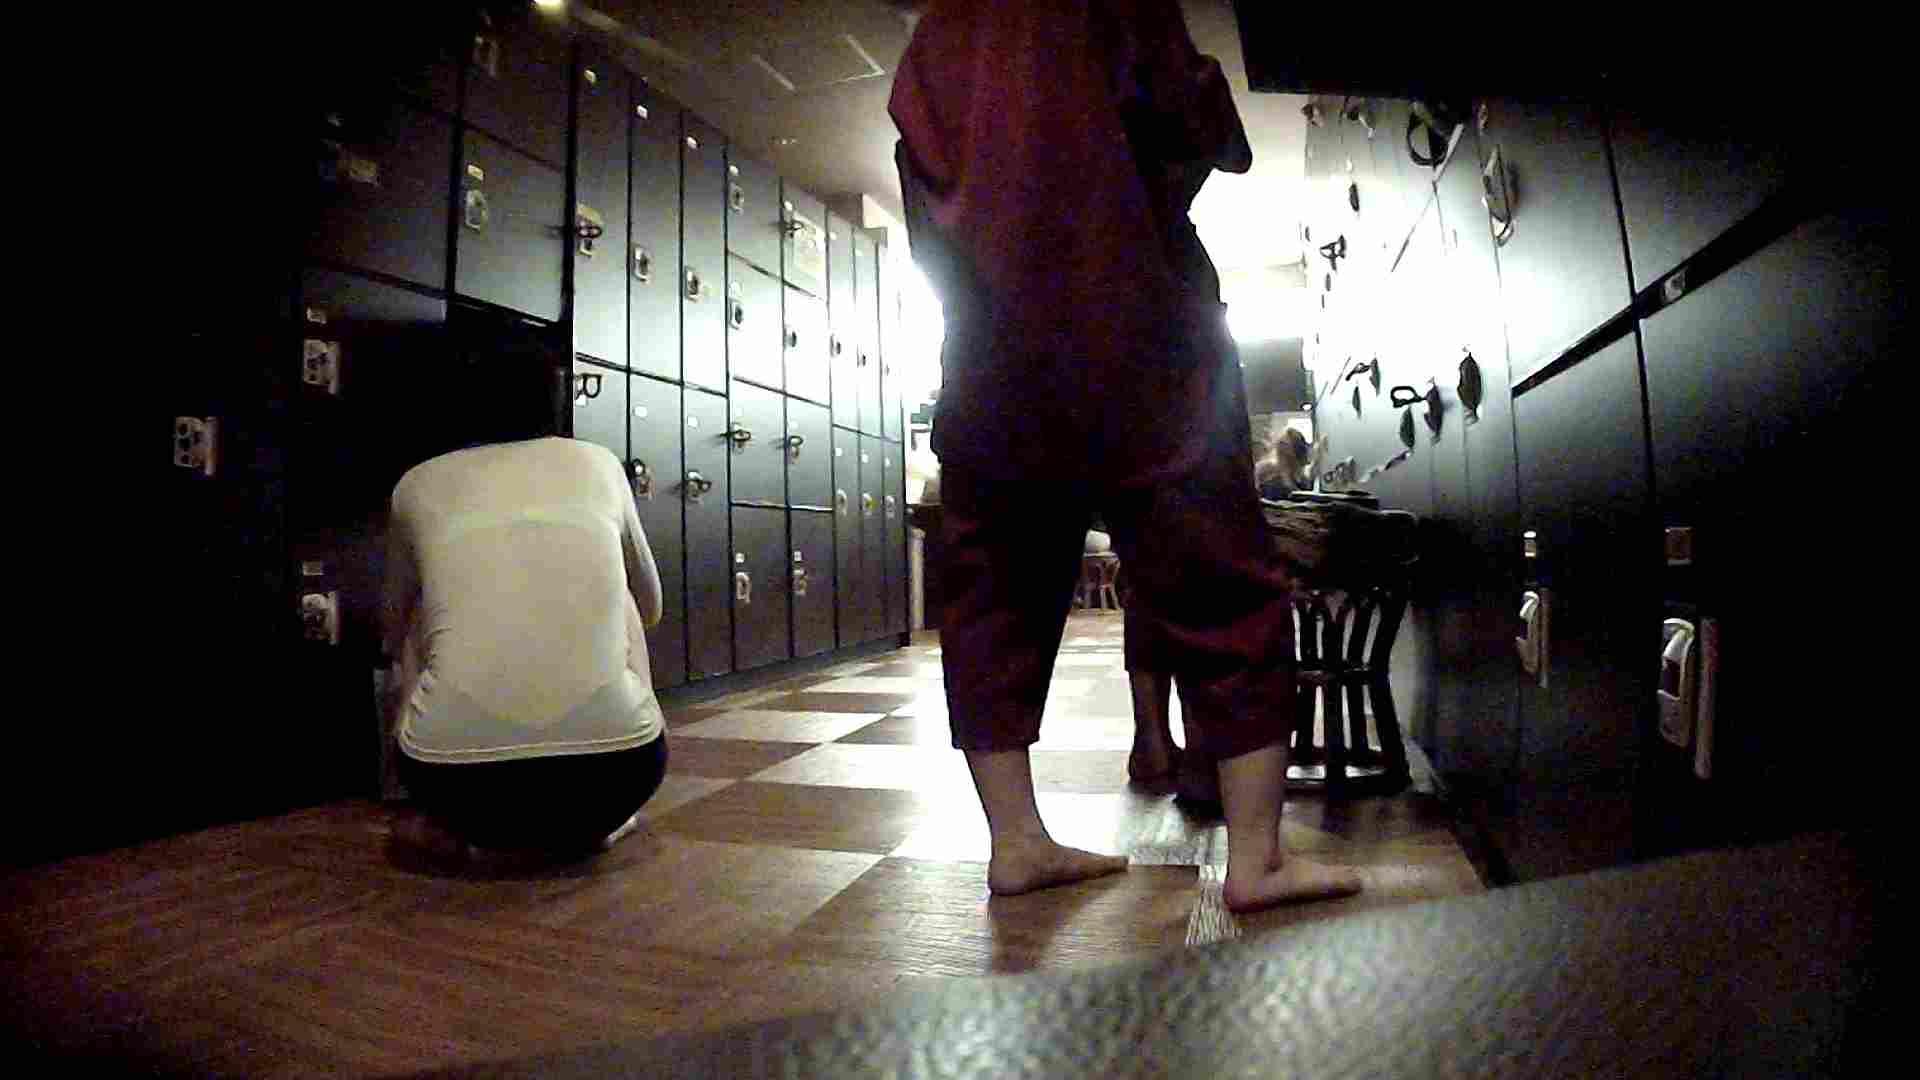 脱衣所!オムニバス 大混雑!注目はあの人の御御足でしょう。 銭湯  25pic 6